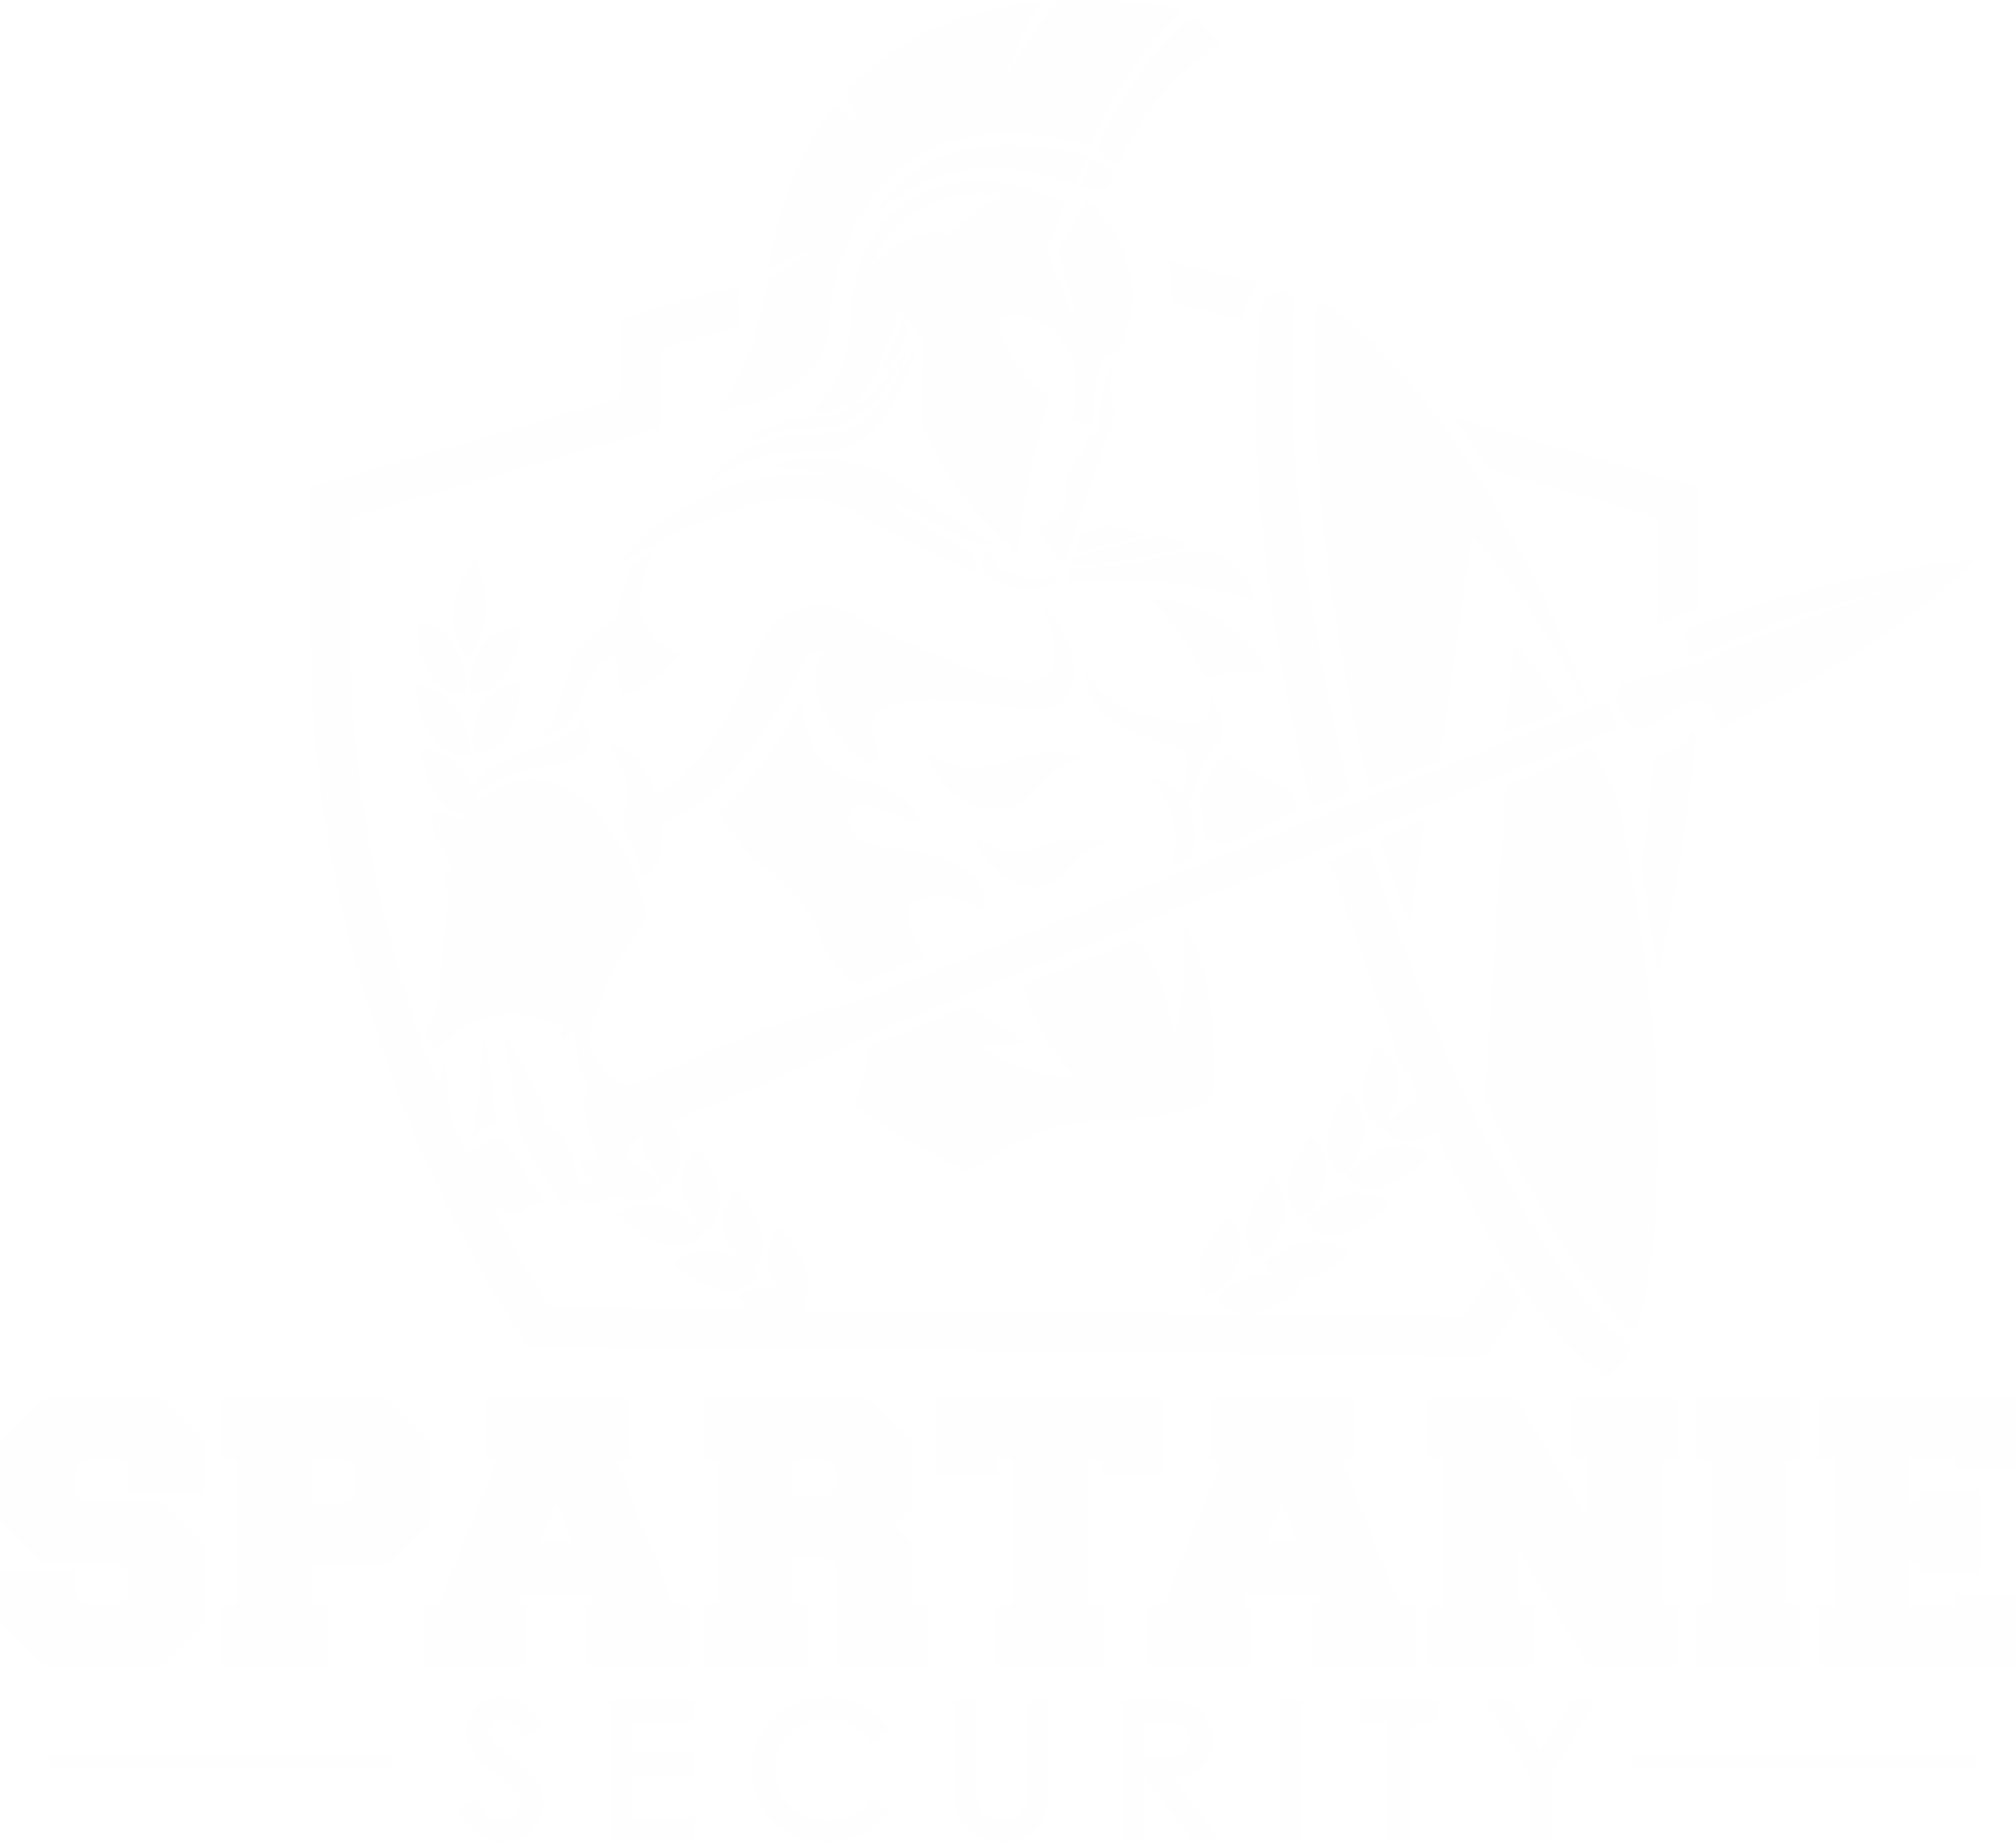 Agencja ochrony Spartanie Białystok